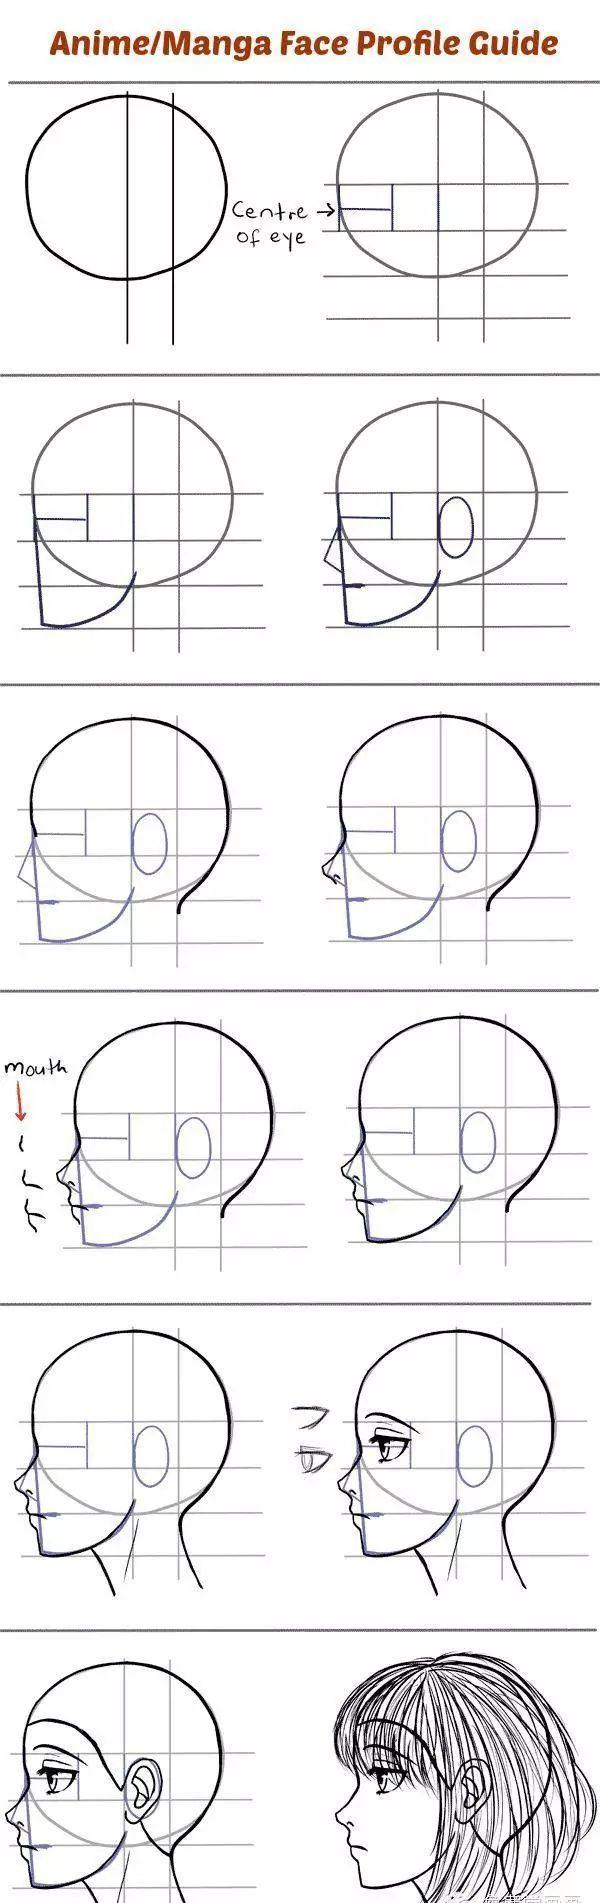 ③ 日漫人物其他各种角度的脸型比例画法图图片